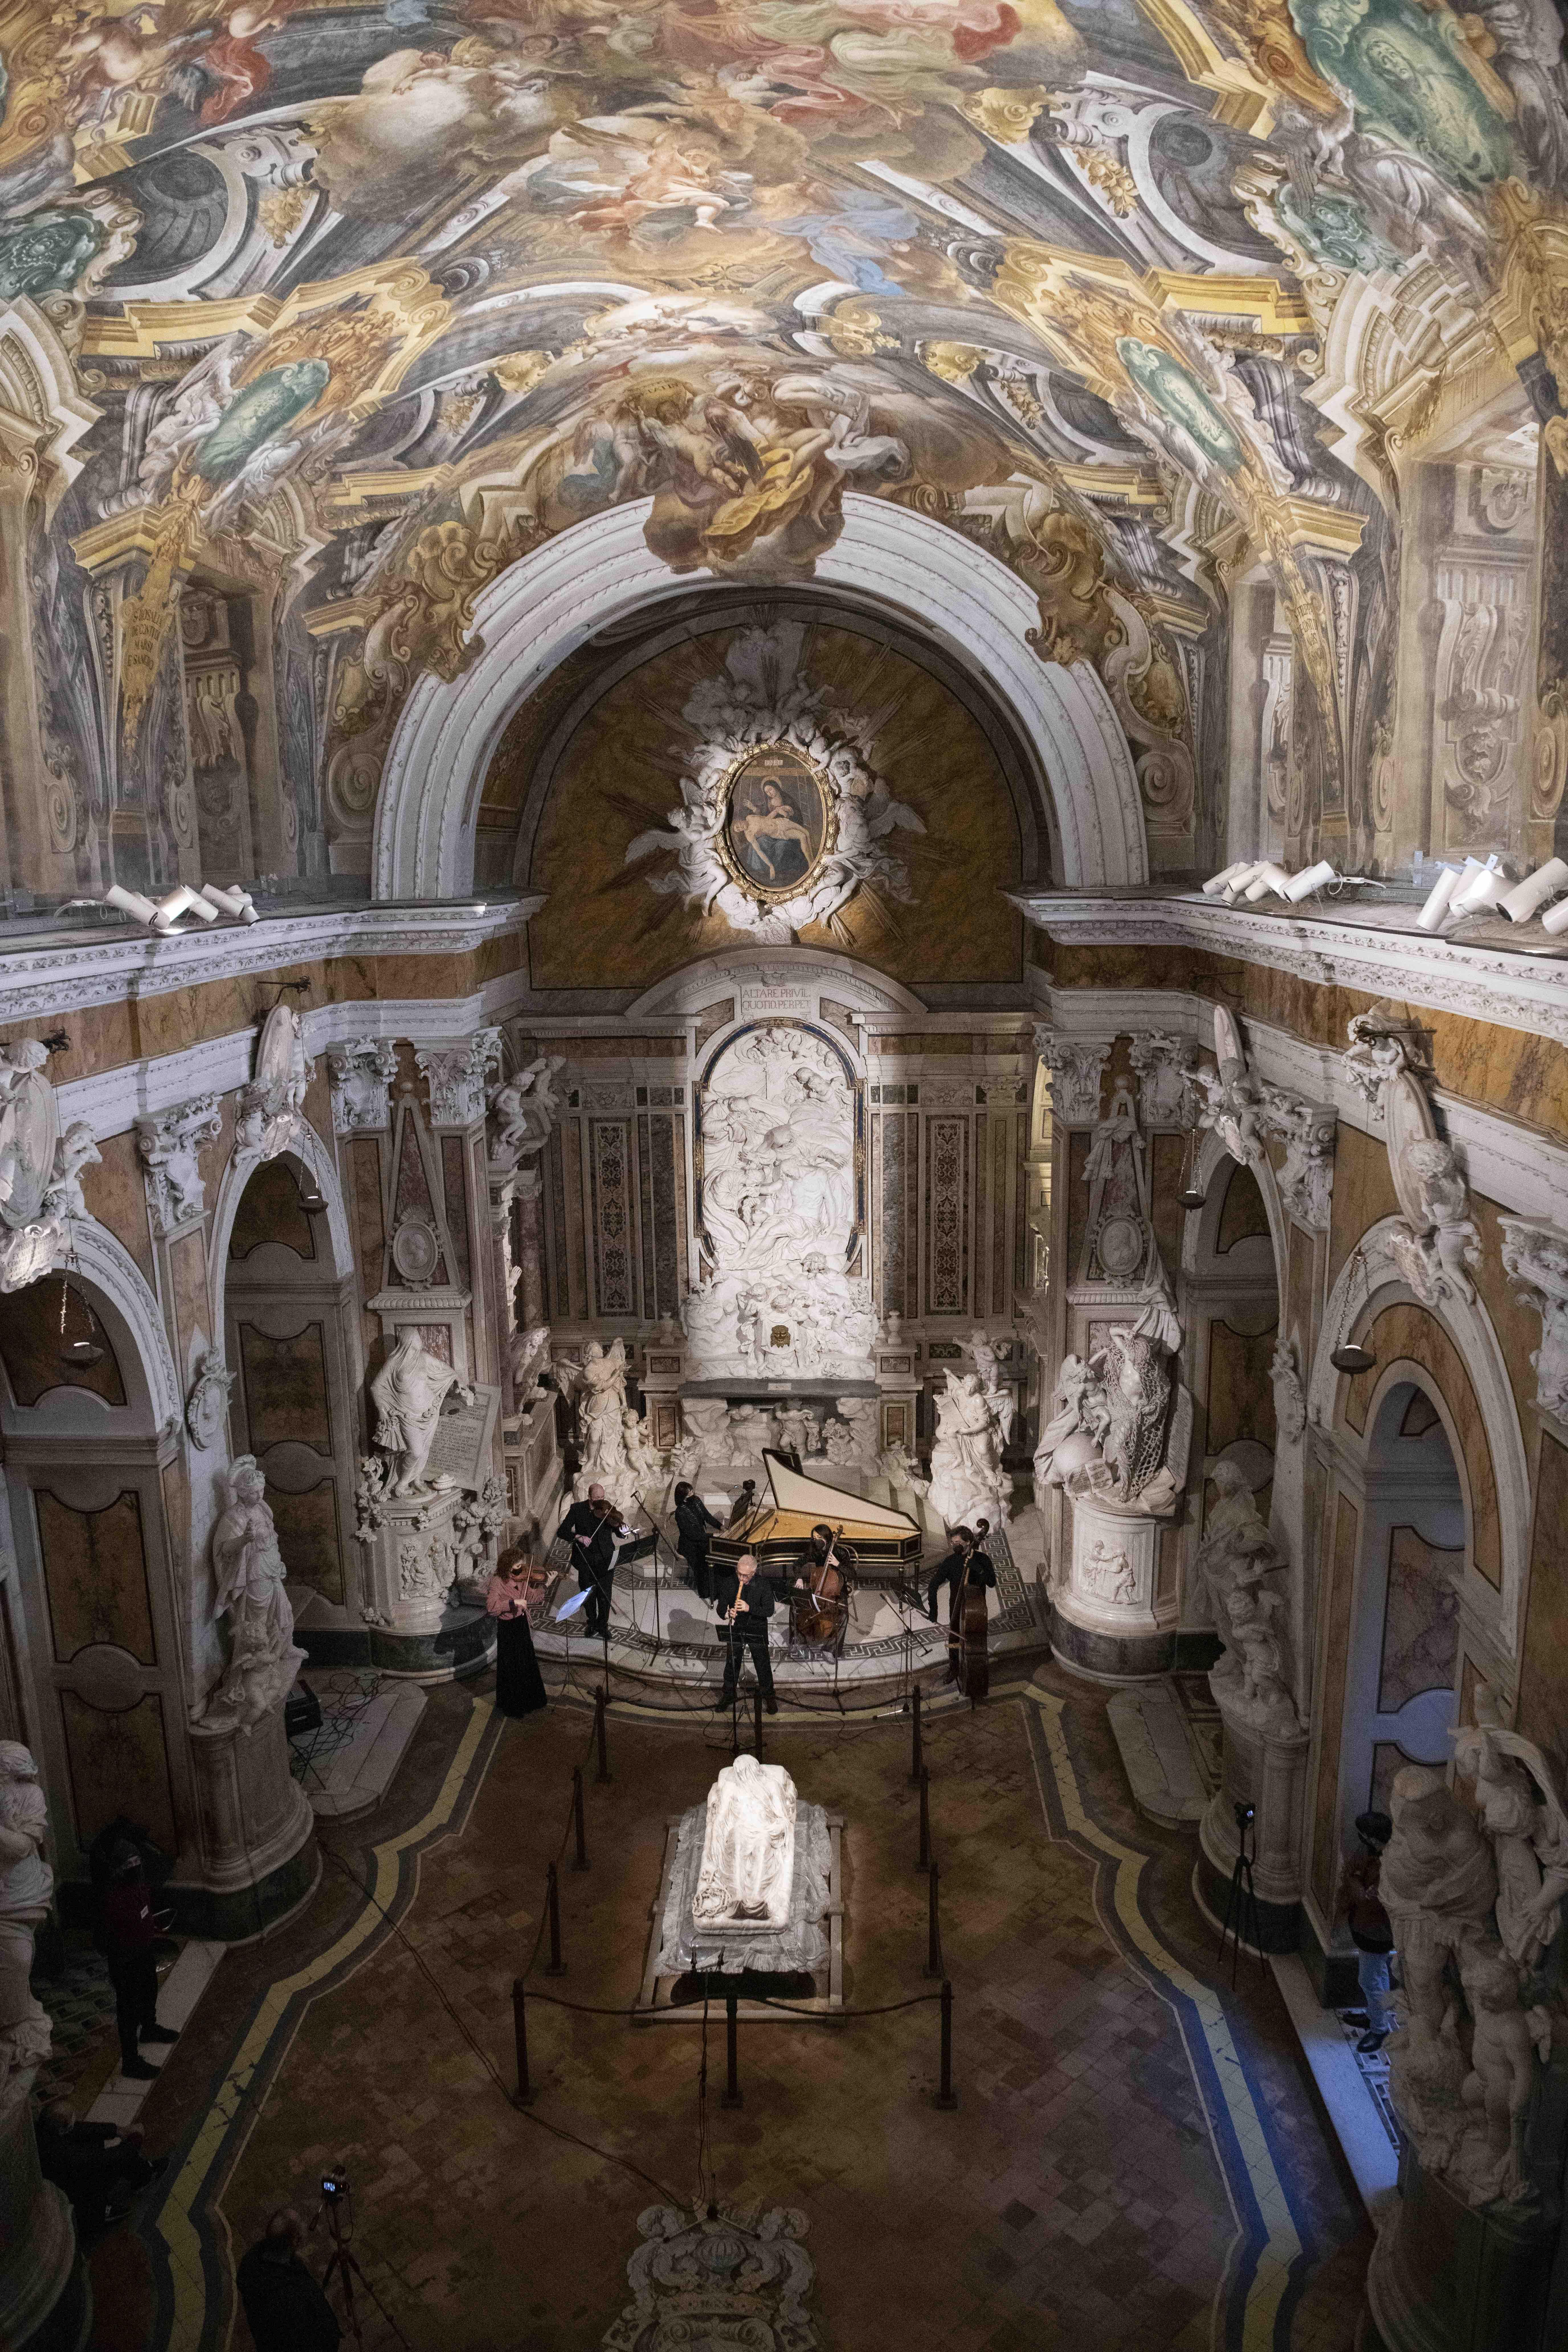 Concerto per il Principe_celebrazioni250_Cappella Sansevero e Associazione A Scarlatti_DMA4732_FAB4536-jpg